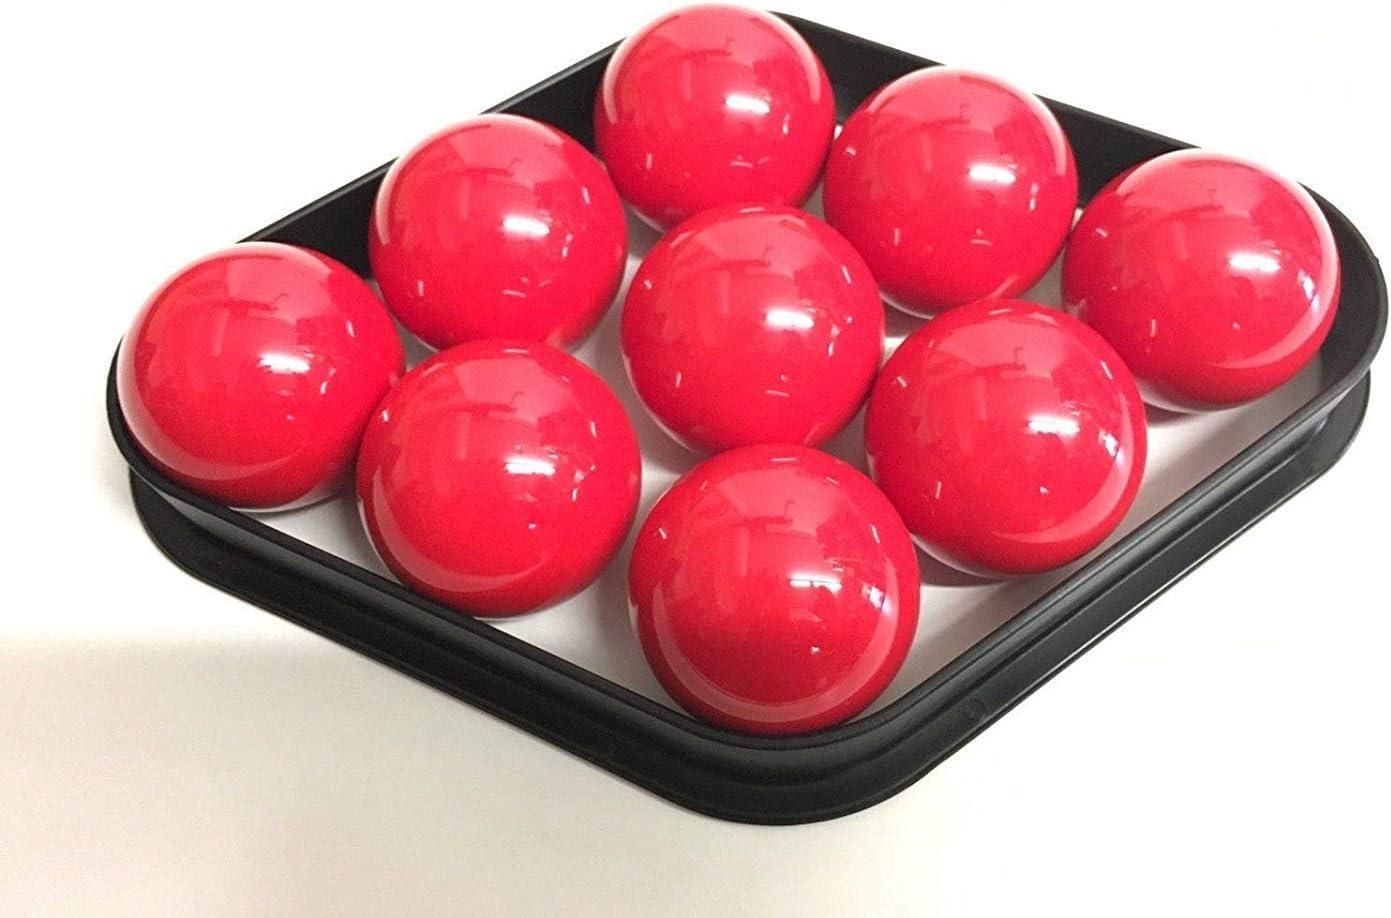 SGL - Rombo para 9 bolas de billar: Amazon.es: Deportes y aire libre